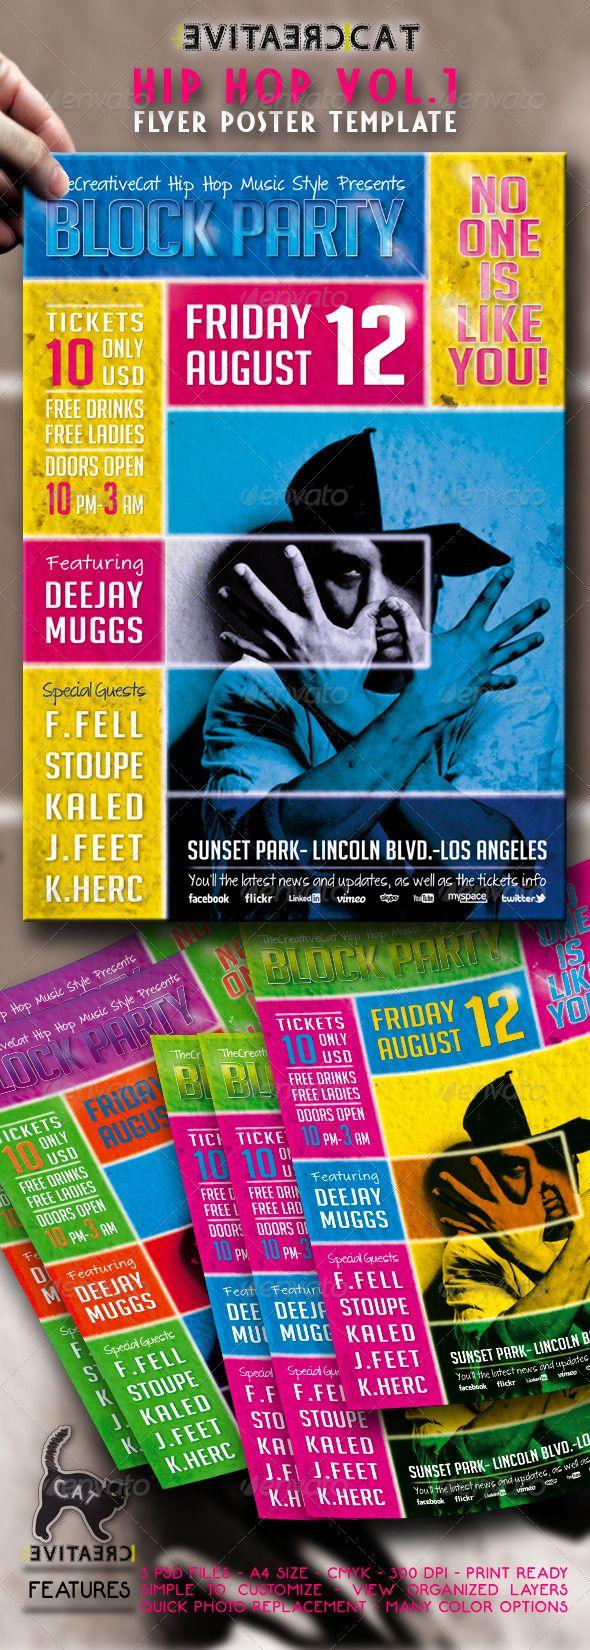 Poster design for events - Hip Hop Flyer Postert Event Poster Designflyer